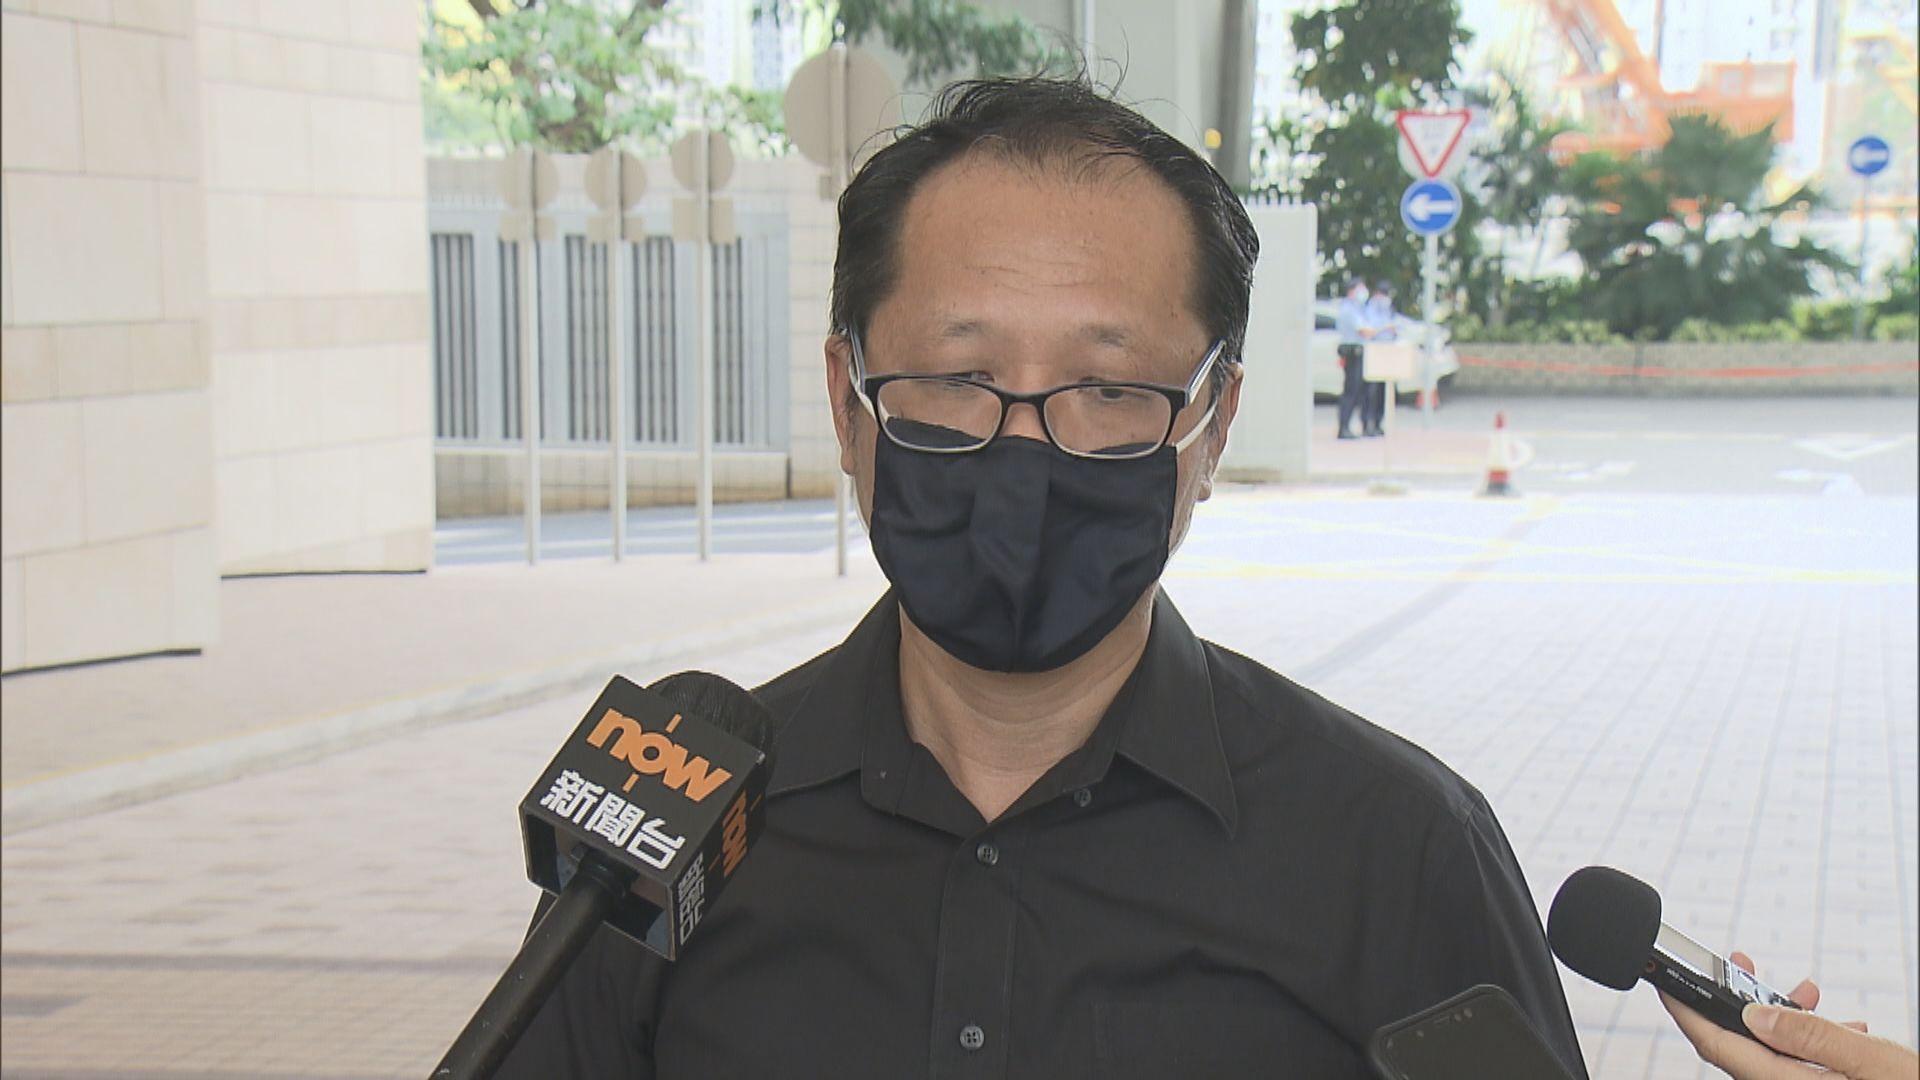 支聯會涉煽動顛覆政權案 法庭暫不處理蔡耀昌能否繼續代表支聯會